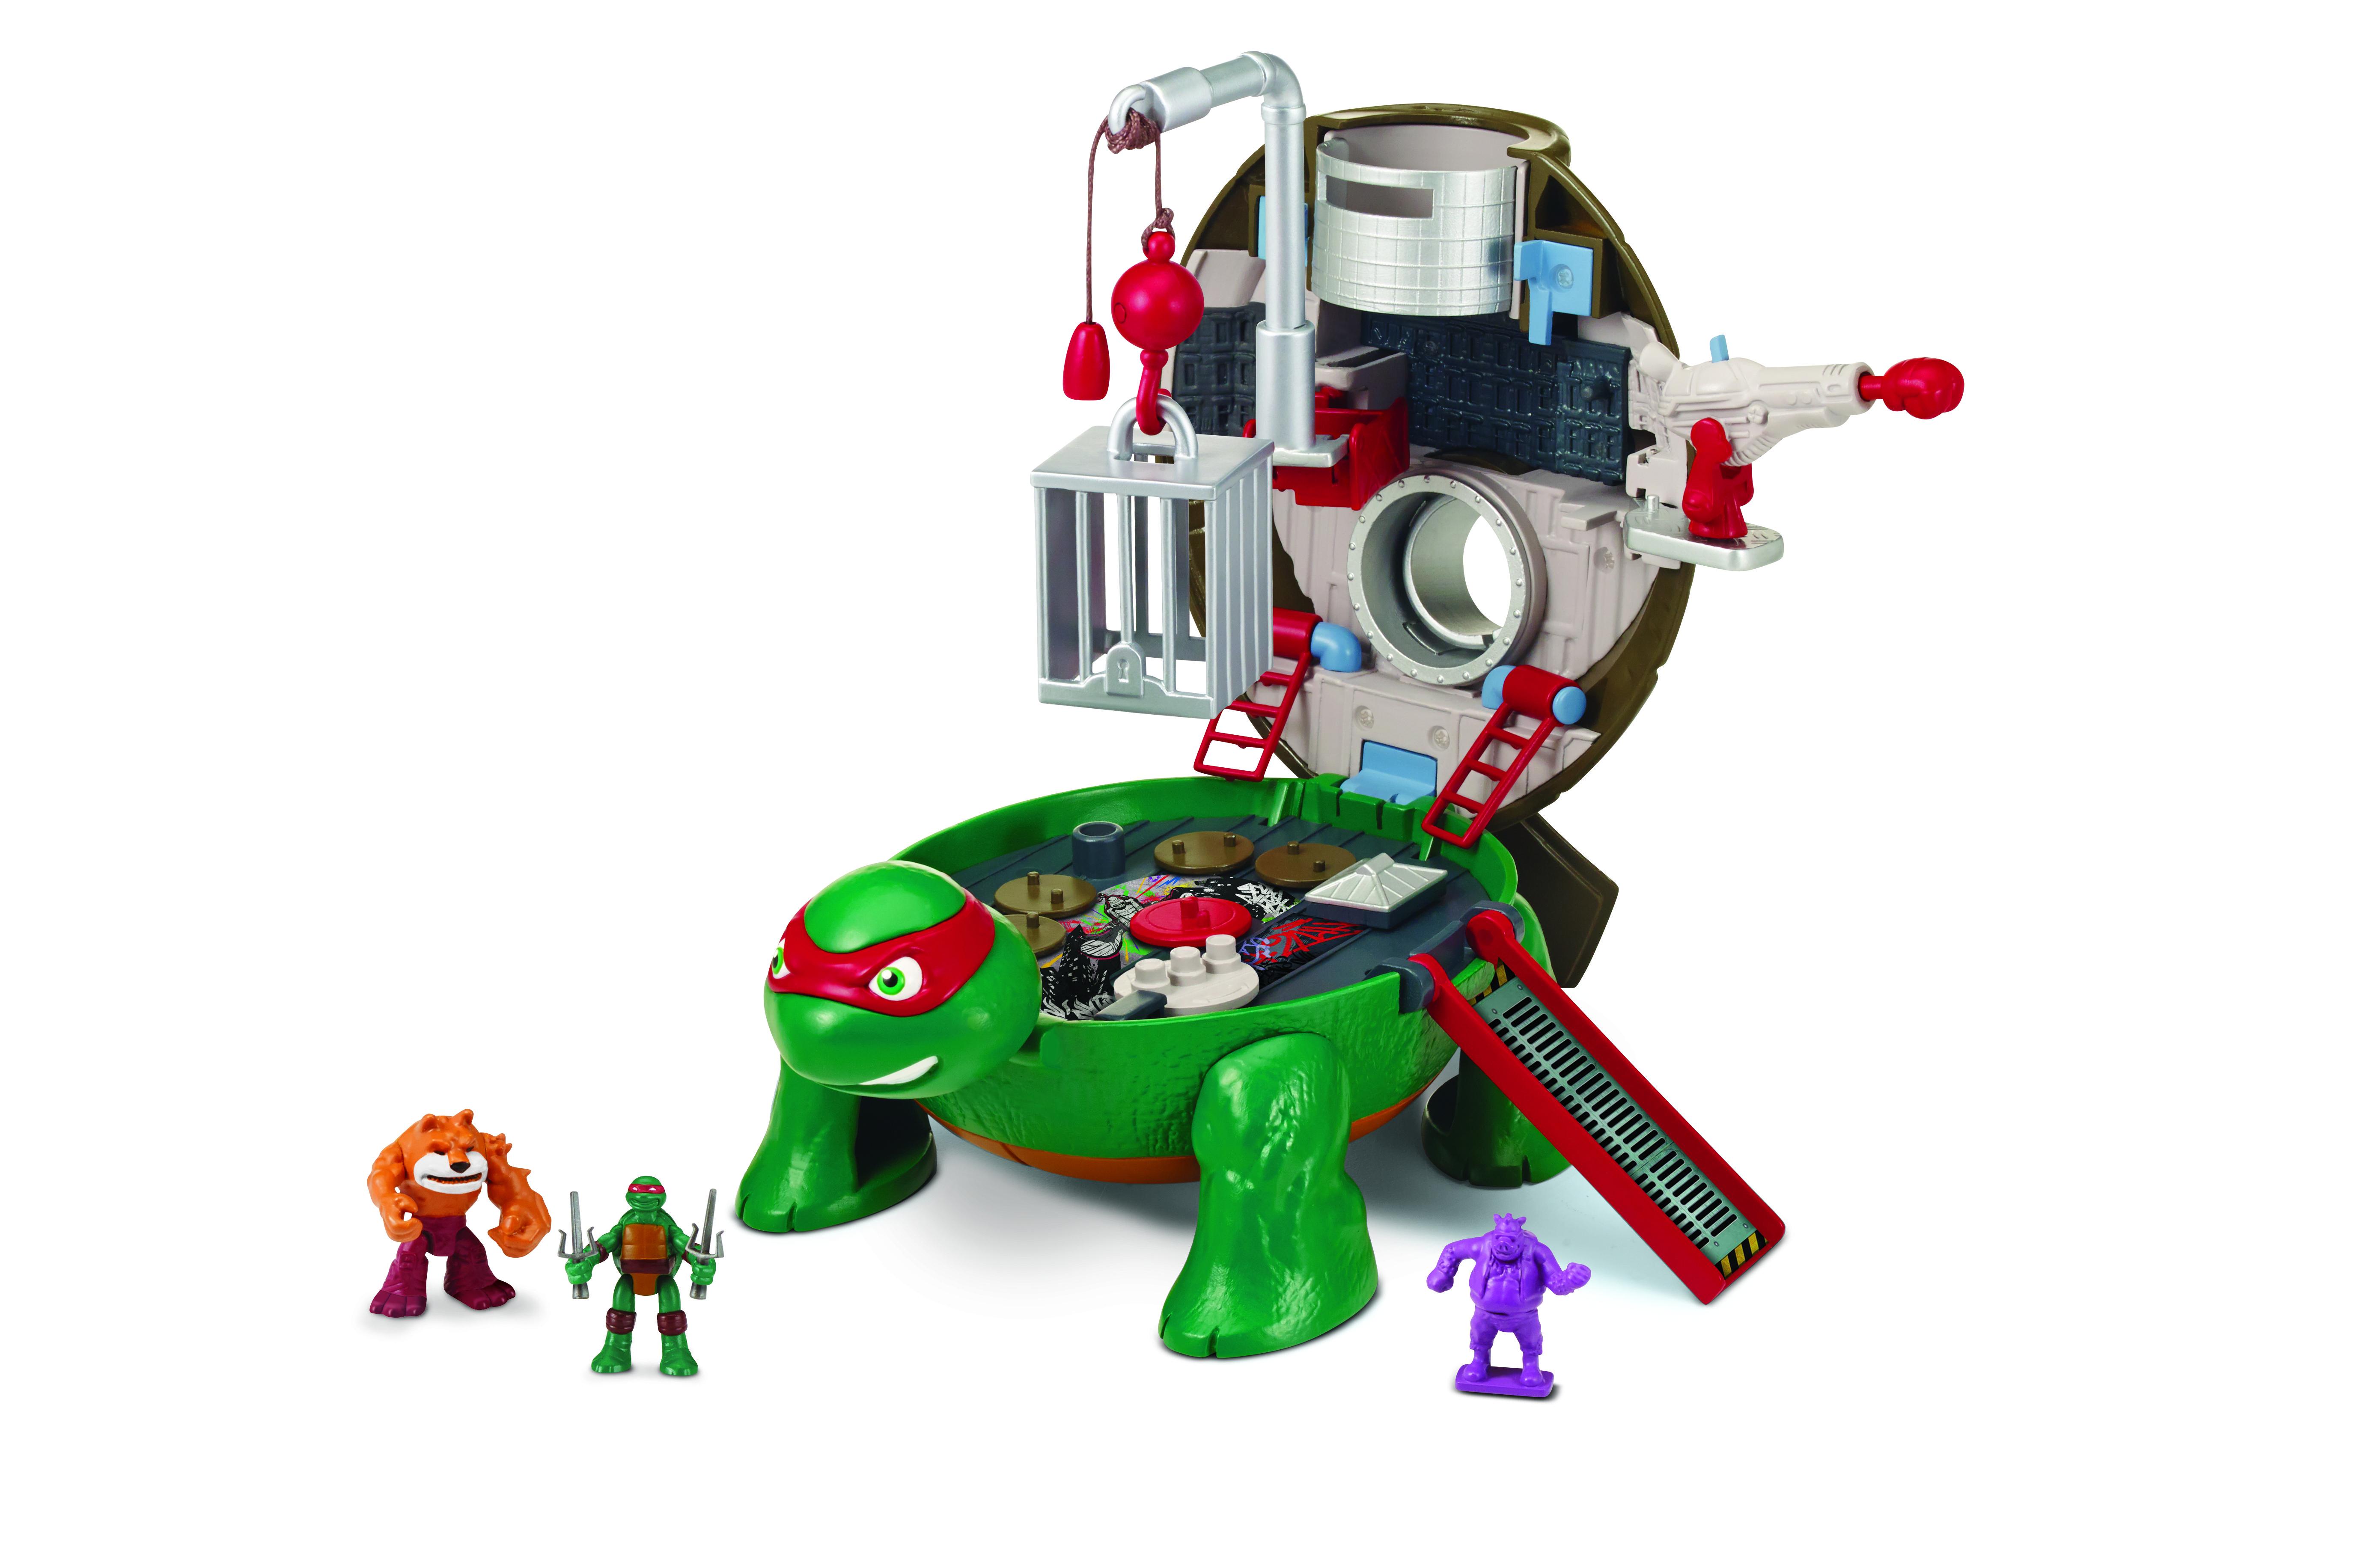 Игровой набор Черепашки Ниндзя Рафаэль на крыше игровой набор черепашки ниндзя функциональные мини игры разноцветный